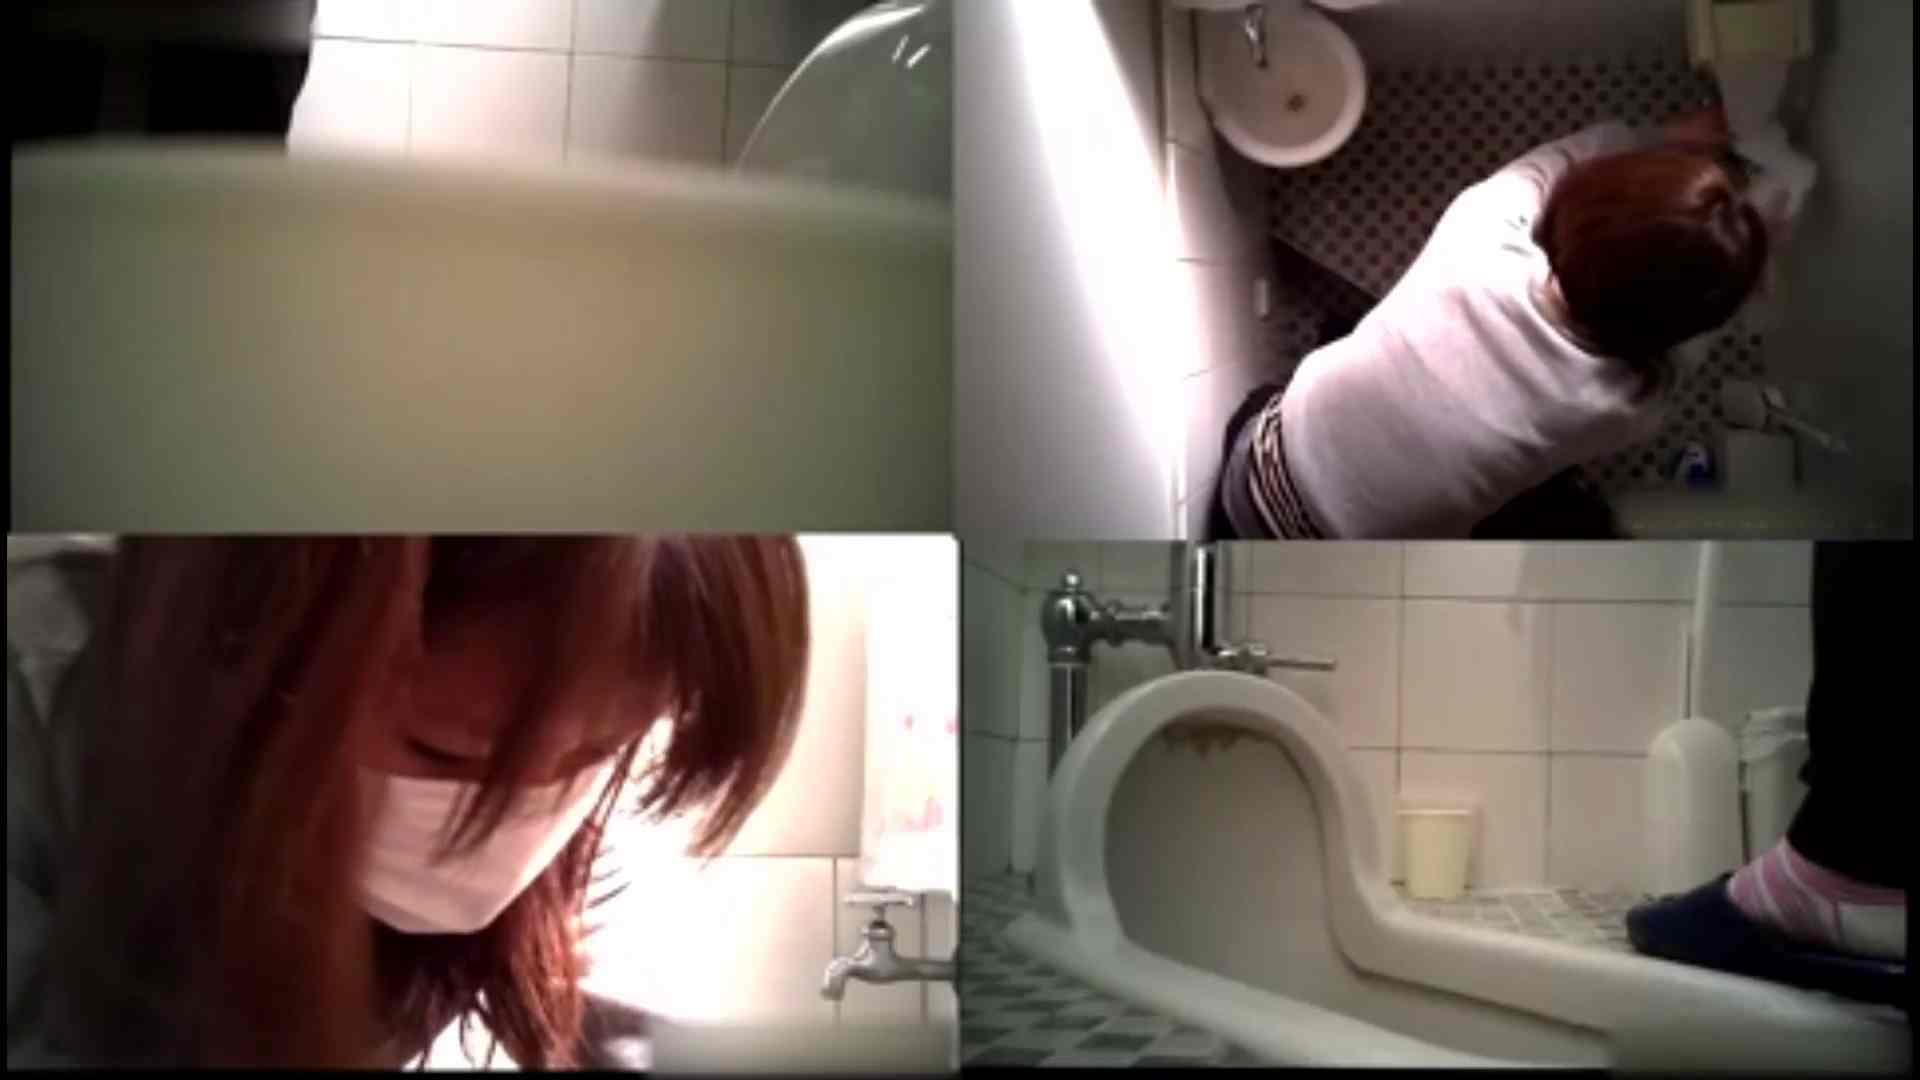 Vol.05 花の女子大生 トイレ恥態 進化系マルチアングル!! マルチアングル エロ画像 66画像 15